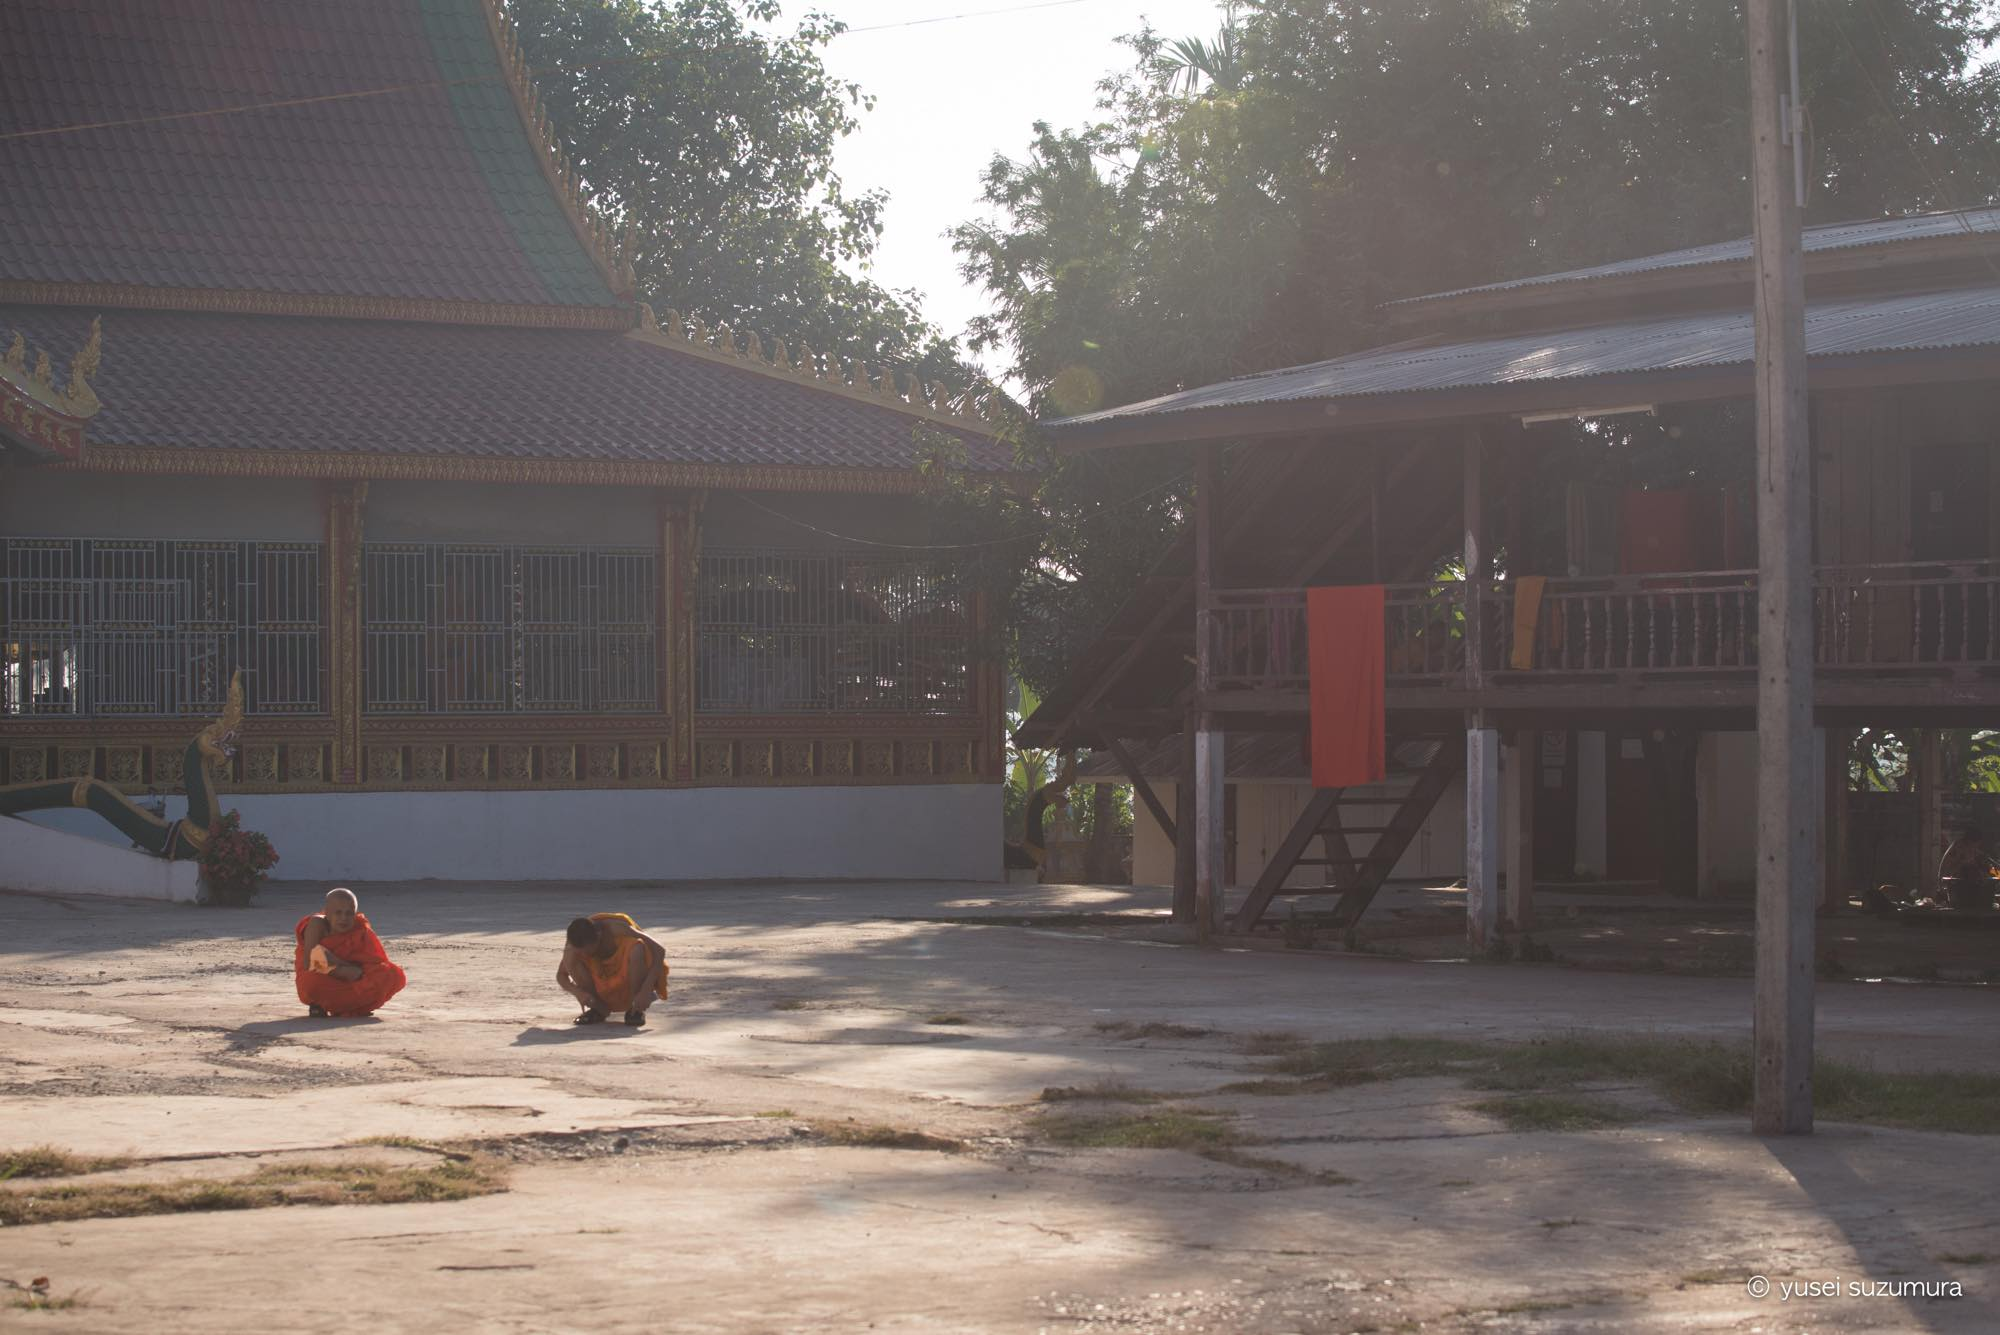 ヴィエンチャン 僧侶